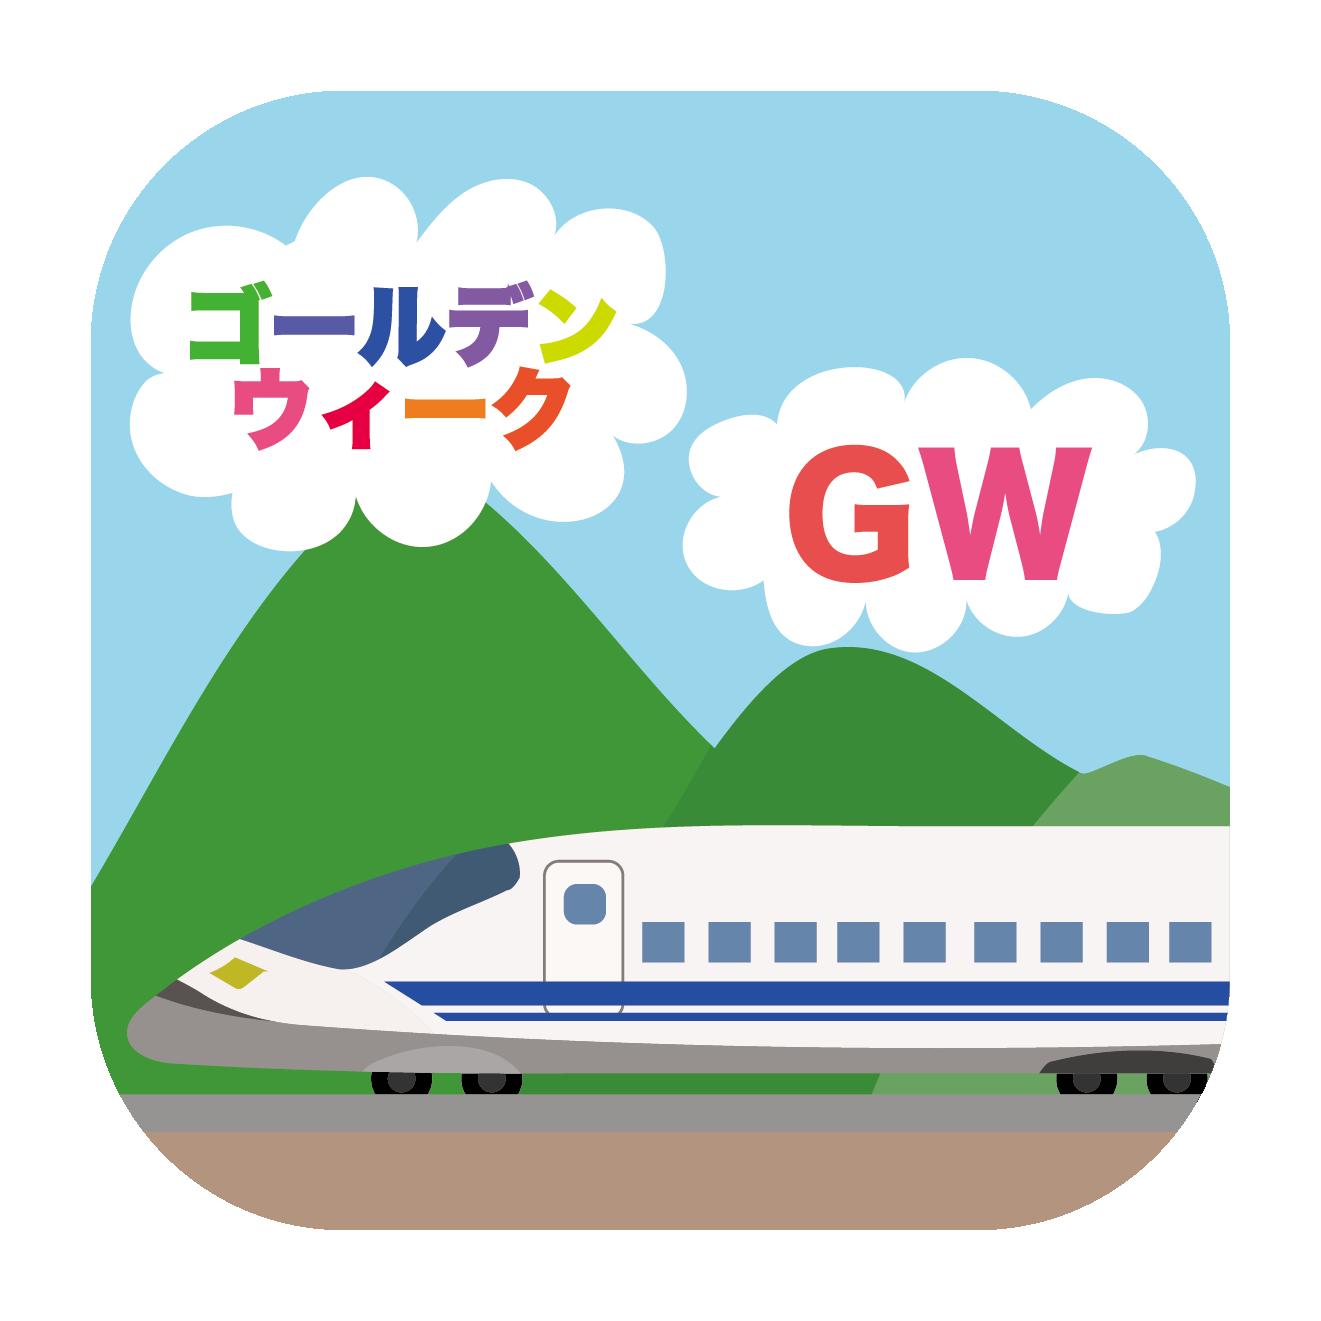 ゴールデンウィークは新幹線に乗って旅行r帰郷のイラスト 商用フリー